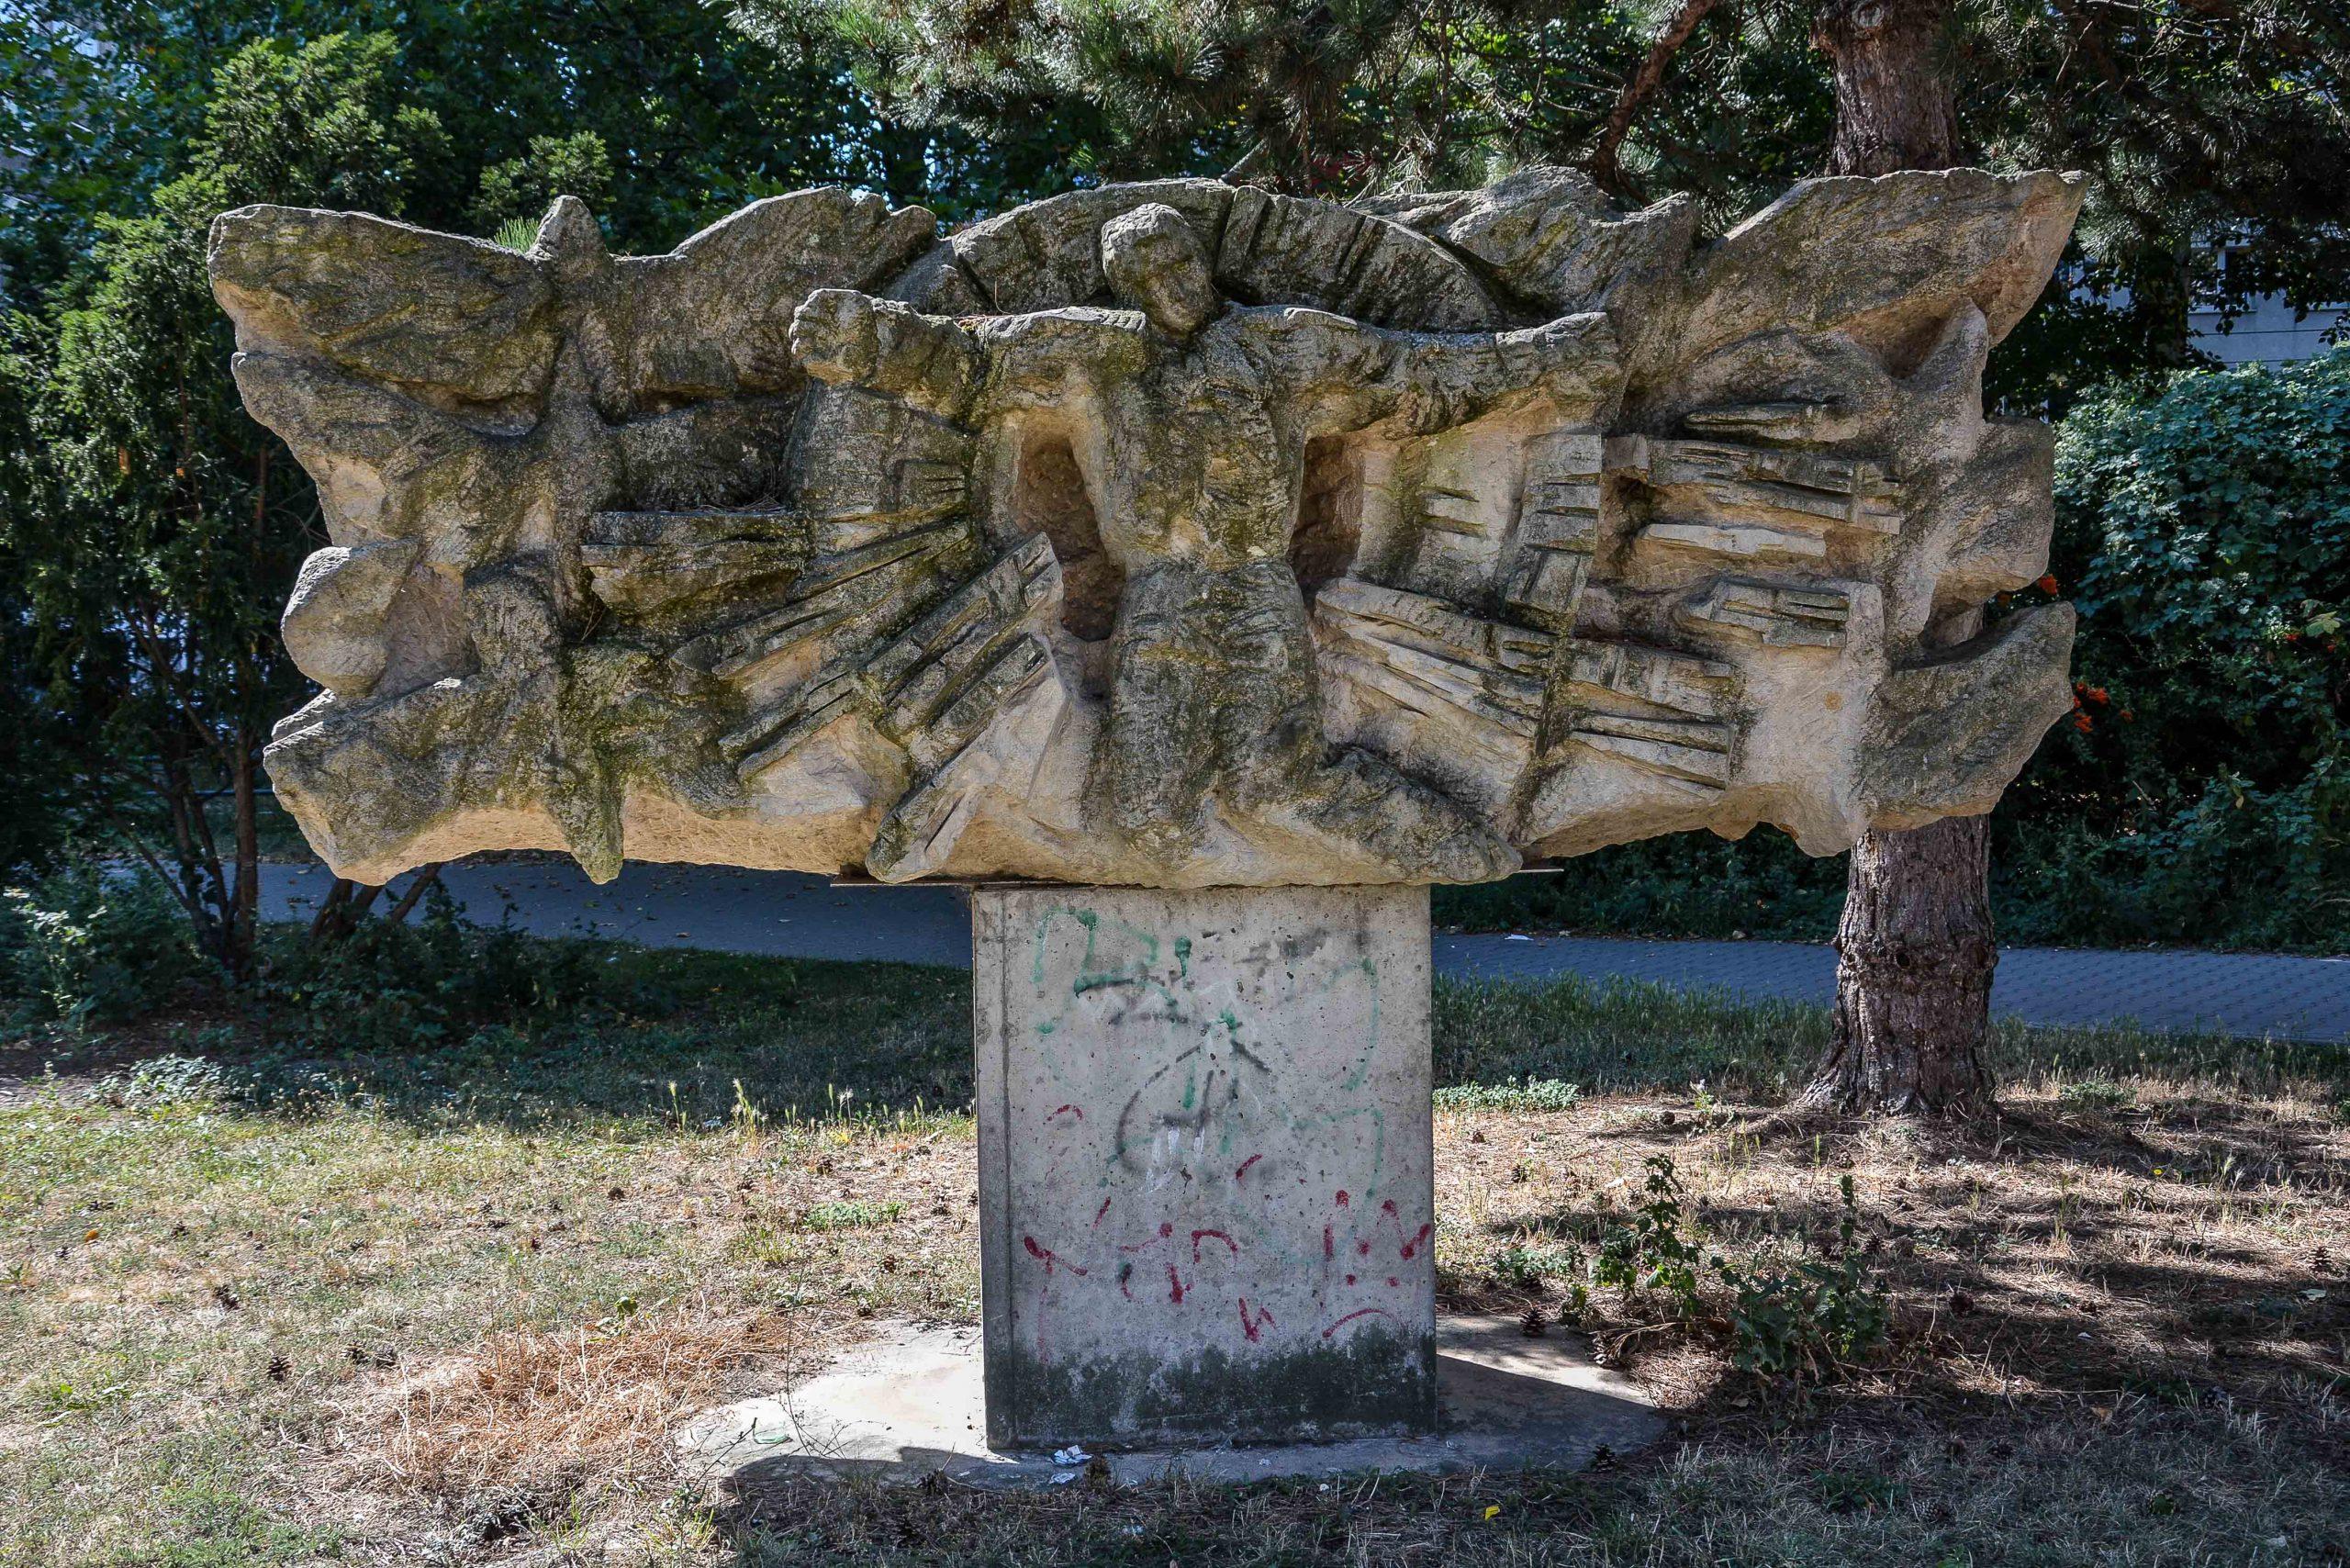 Chernobyl Memorial Berlin Lichtenberg fennpfuhlpark tschernobyl denkmal berlin deutschland juri sinkewitsch reverse side rueckseite man